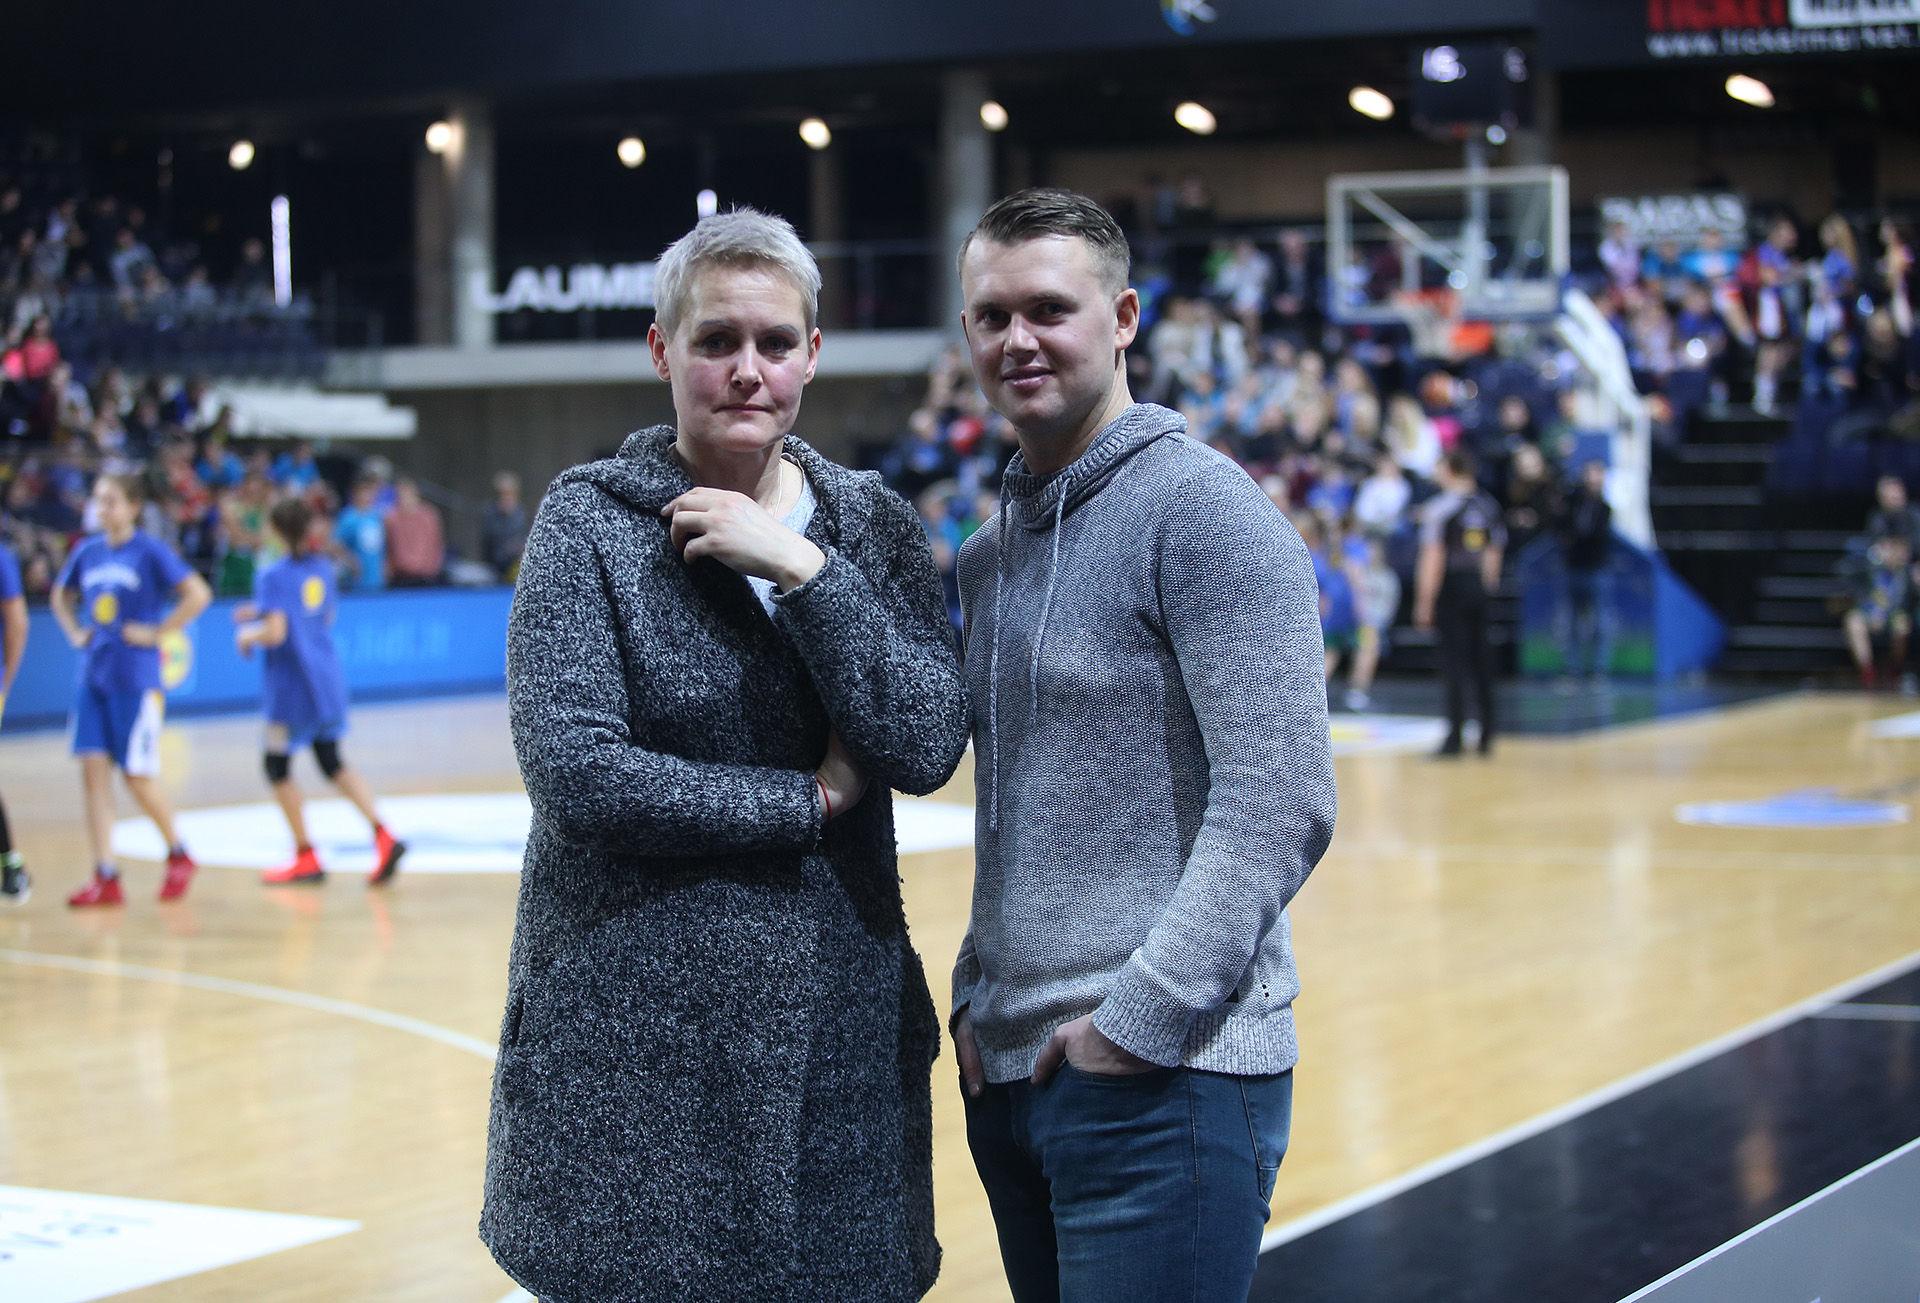 Kėdainių sporto centro krepšinio treneriai Gerda Čečkauskienė ir Vaidas Simonavičius./ A. Barzdžiaus nuotr.